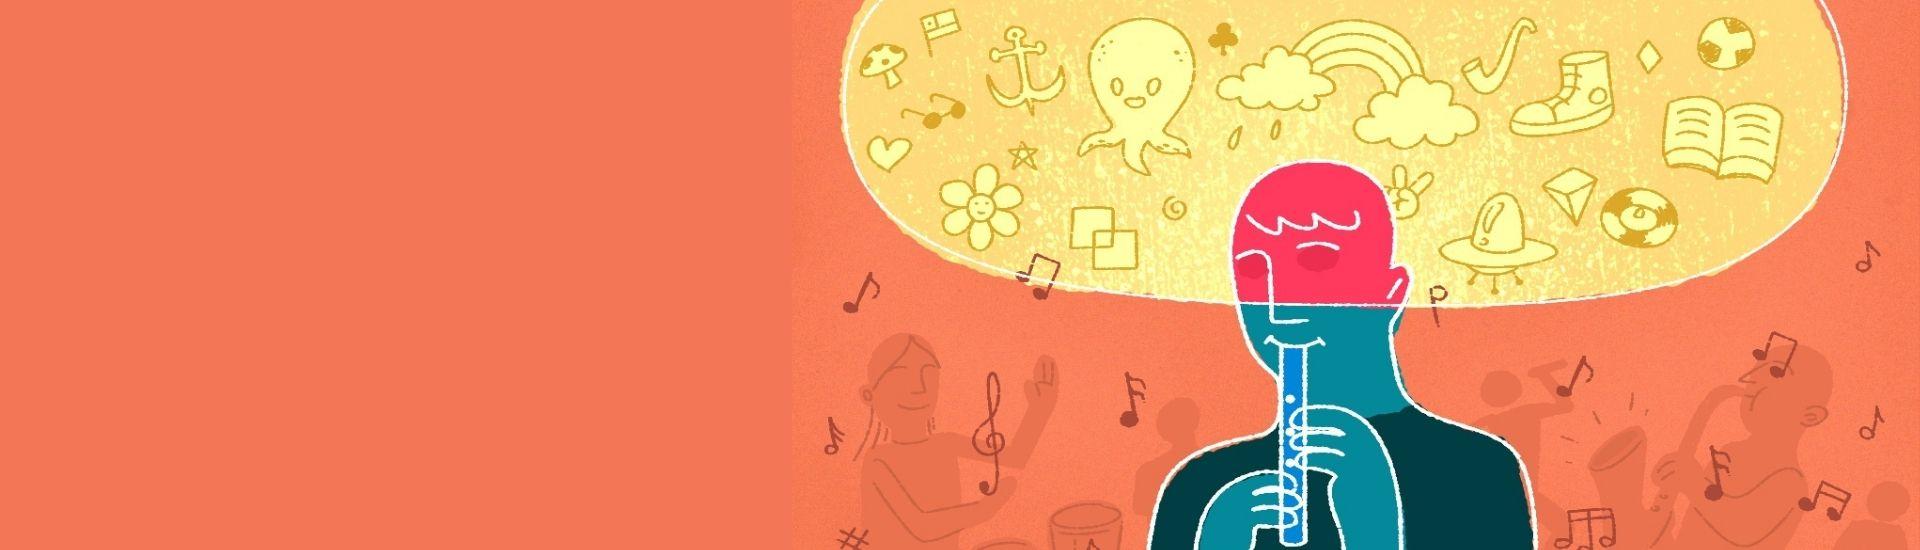 En la imagen se ve una persona tocando una flauta, ensimismada en la música.